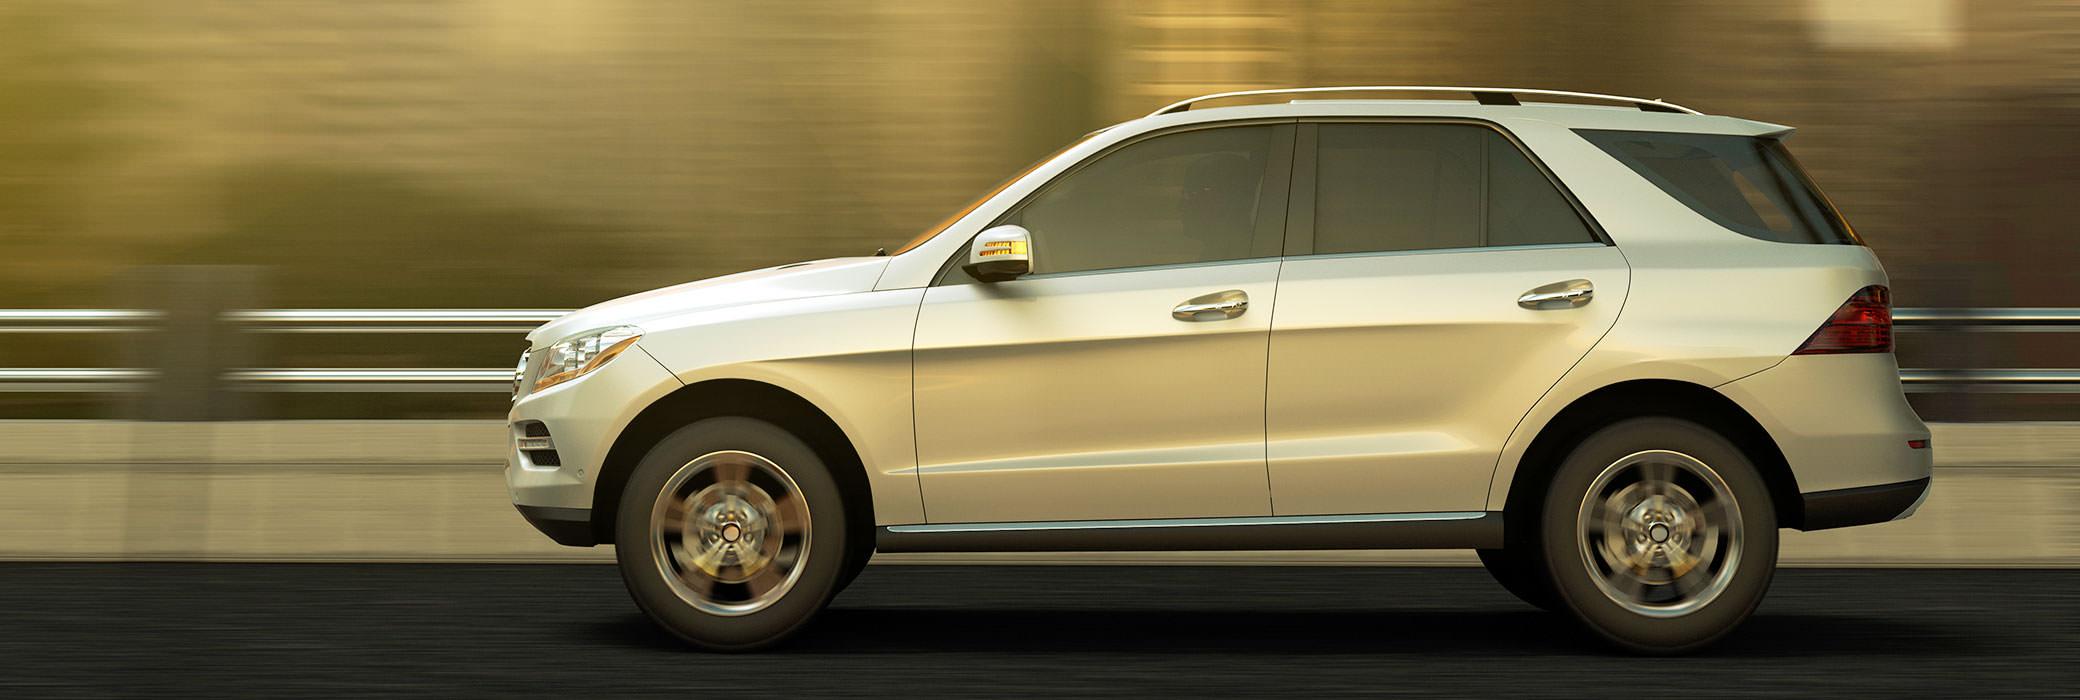 Srebrni automobil srednje veličine, prikazan sa strane, kreće se cestom